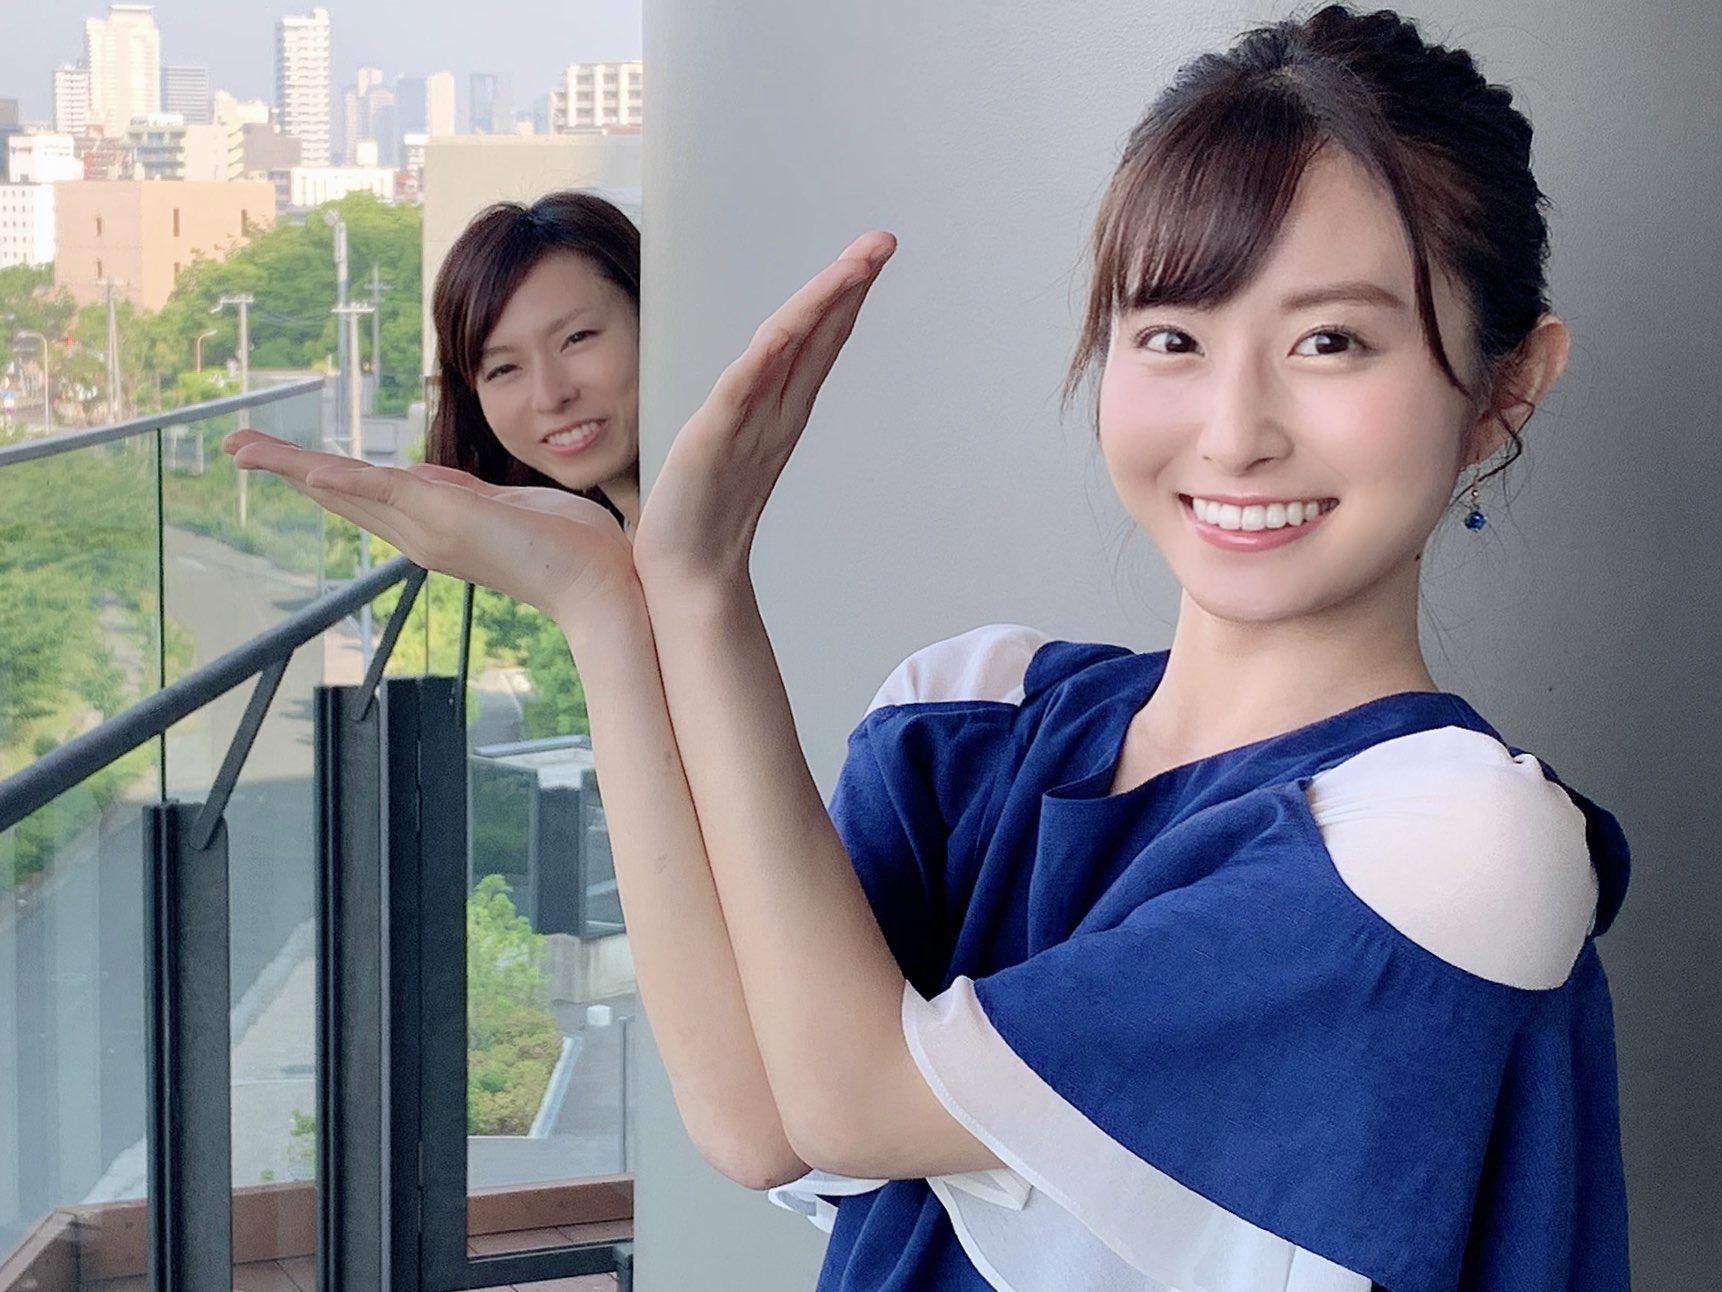 【画像】佐藤佳奈とかいう関西のクッソ可愛い女子アナ